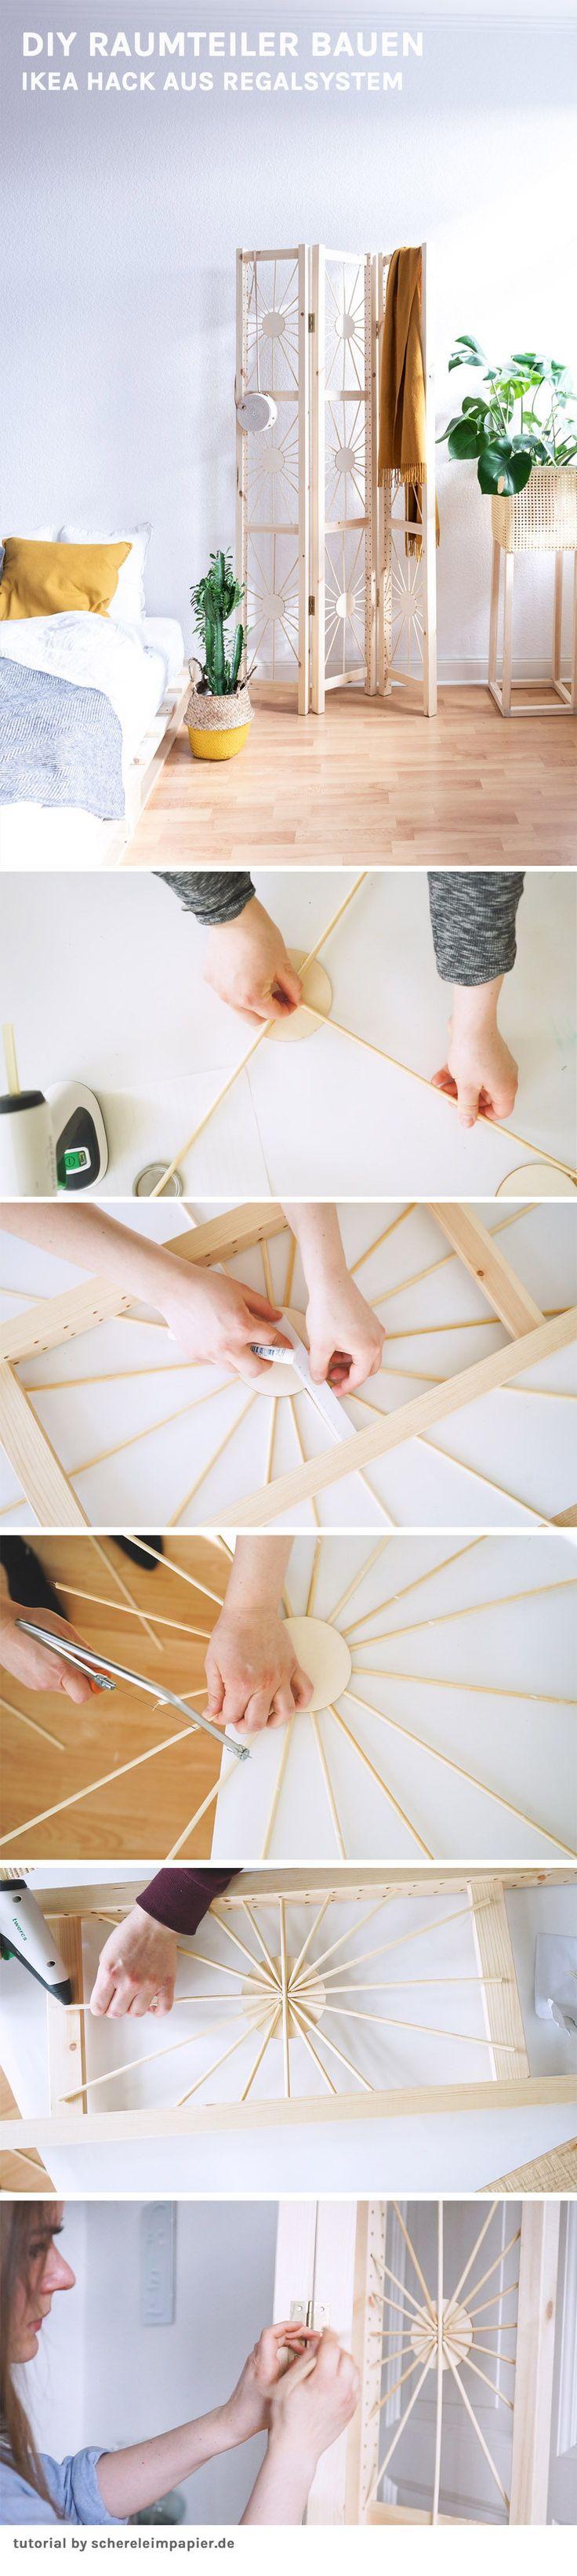 Paravent selber bauen – mein DIY Raumteiler im Ethno Design schere leim papier – DIY, Upcycling, Deko, Wohnen & Pflanzen